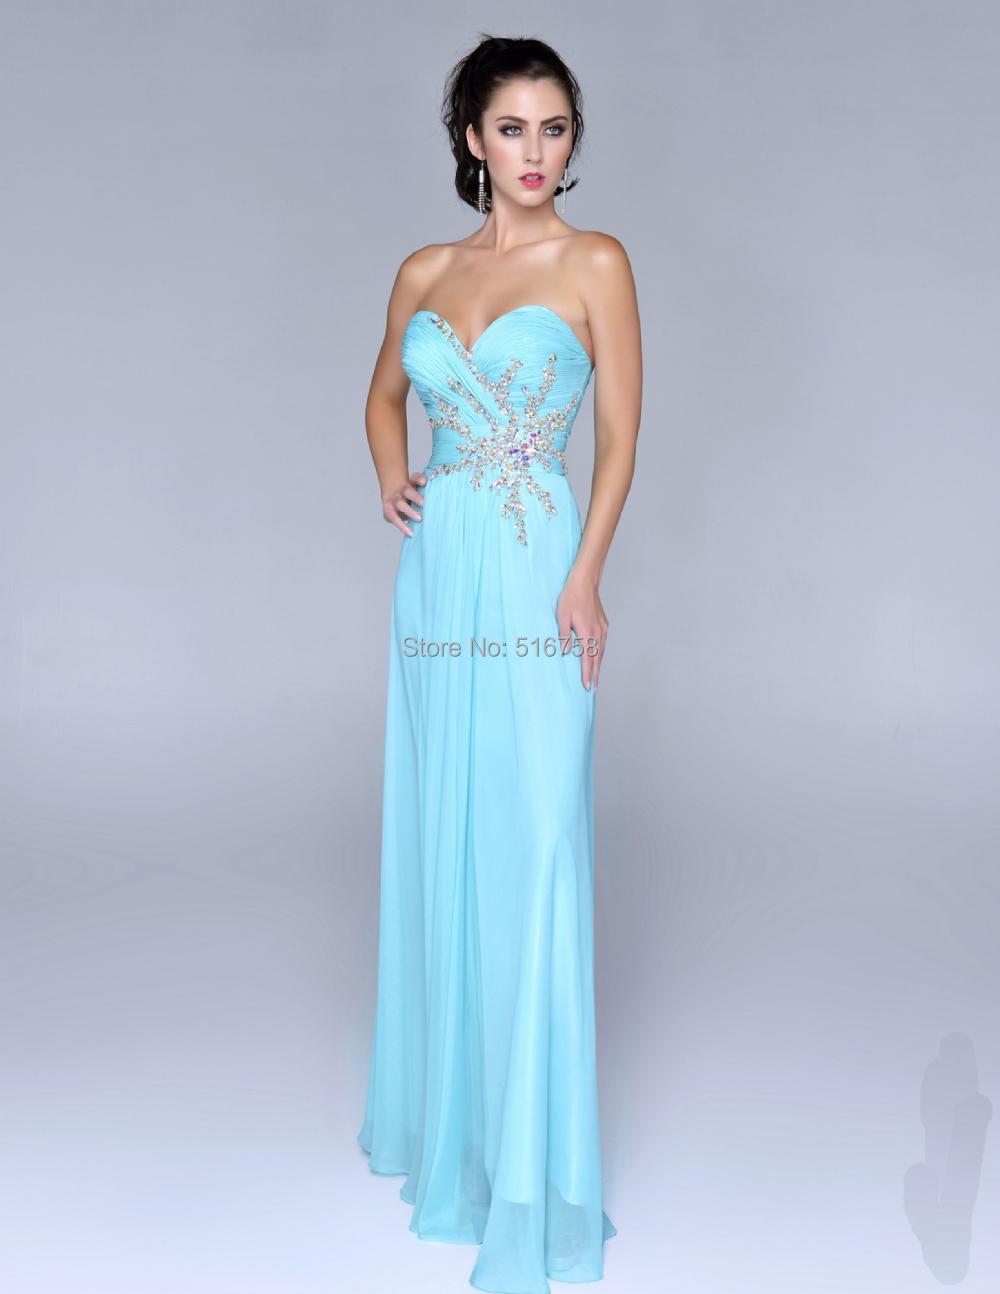 Imagenes de vestidos de salida de sexto vestido de fiesta formal